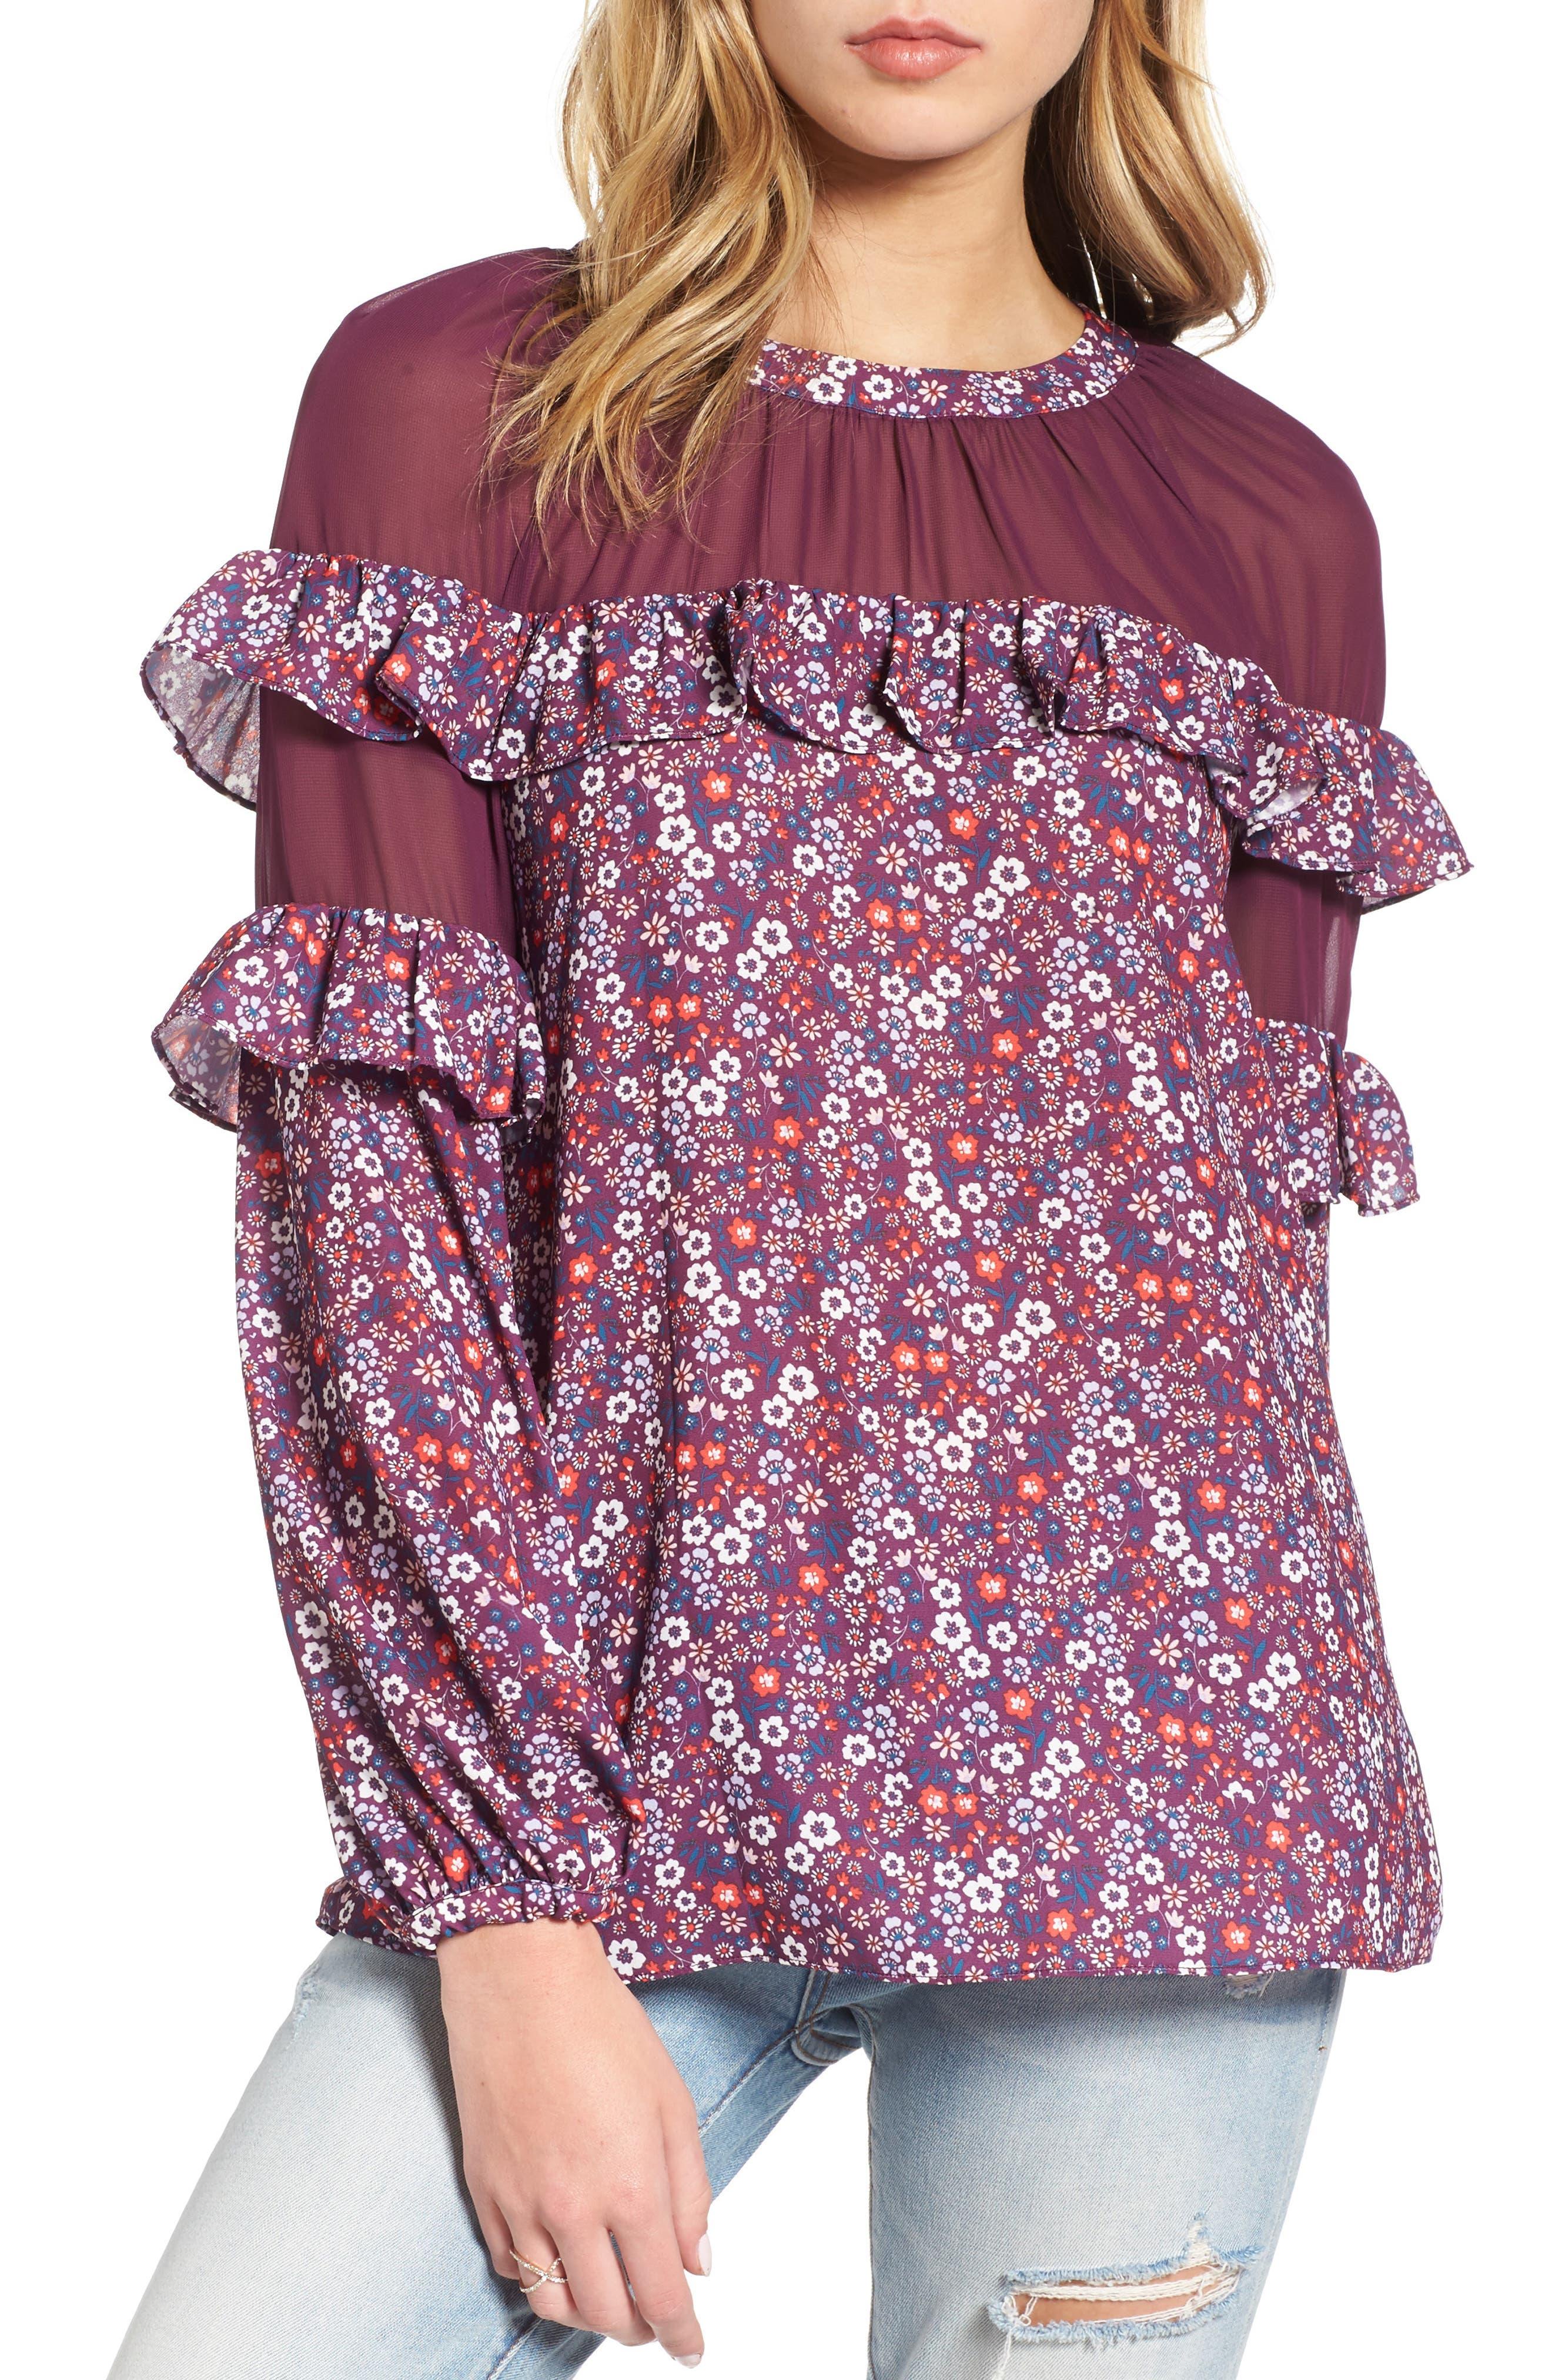 Heidi Ruffle Blouse,                         Main,                         color, Magnolia